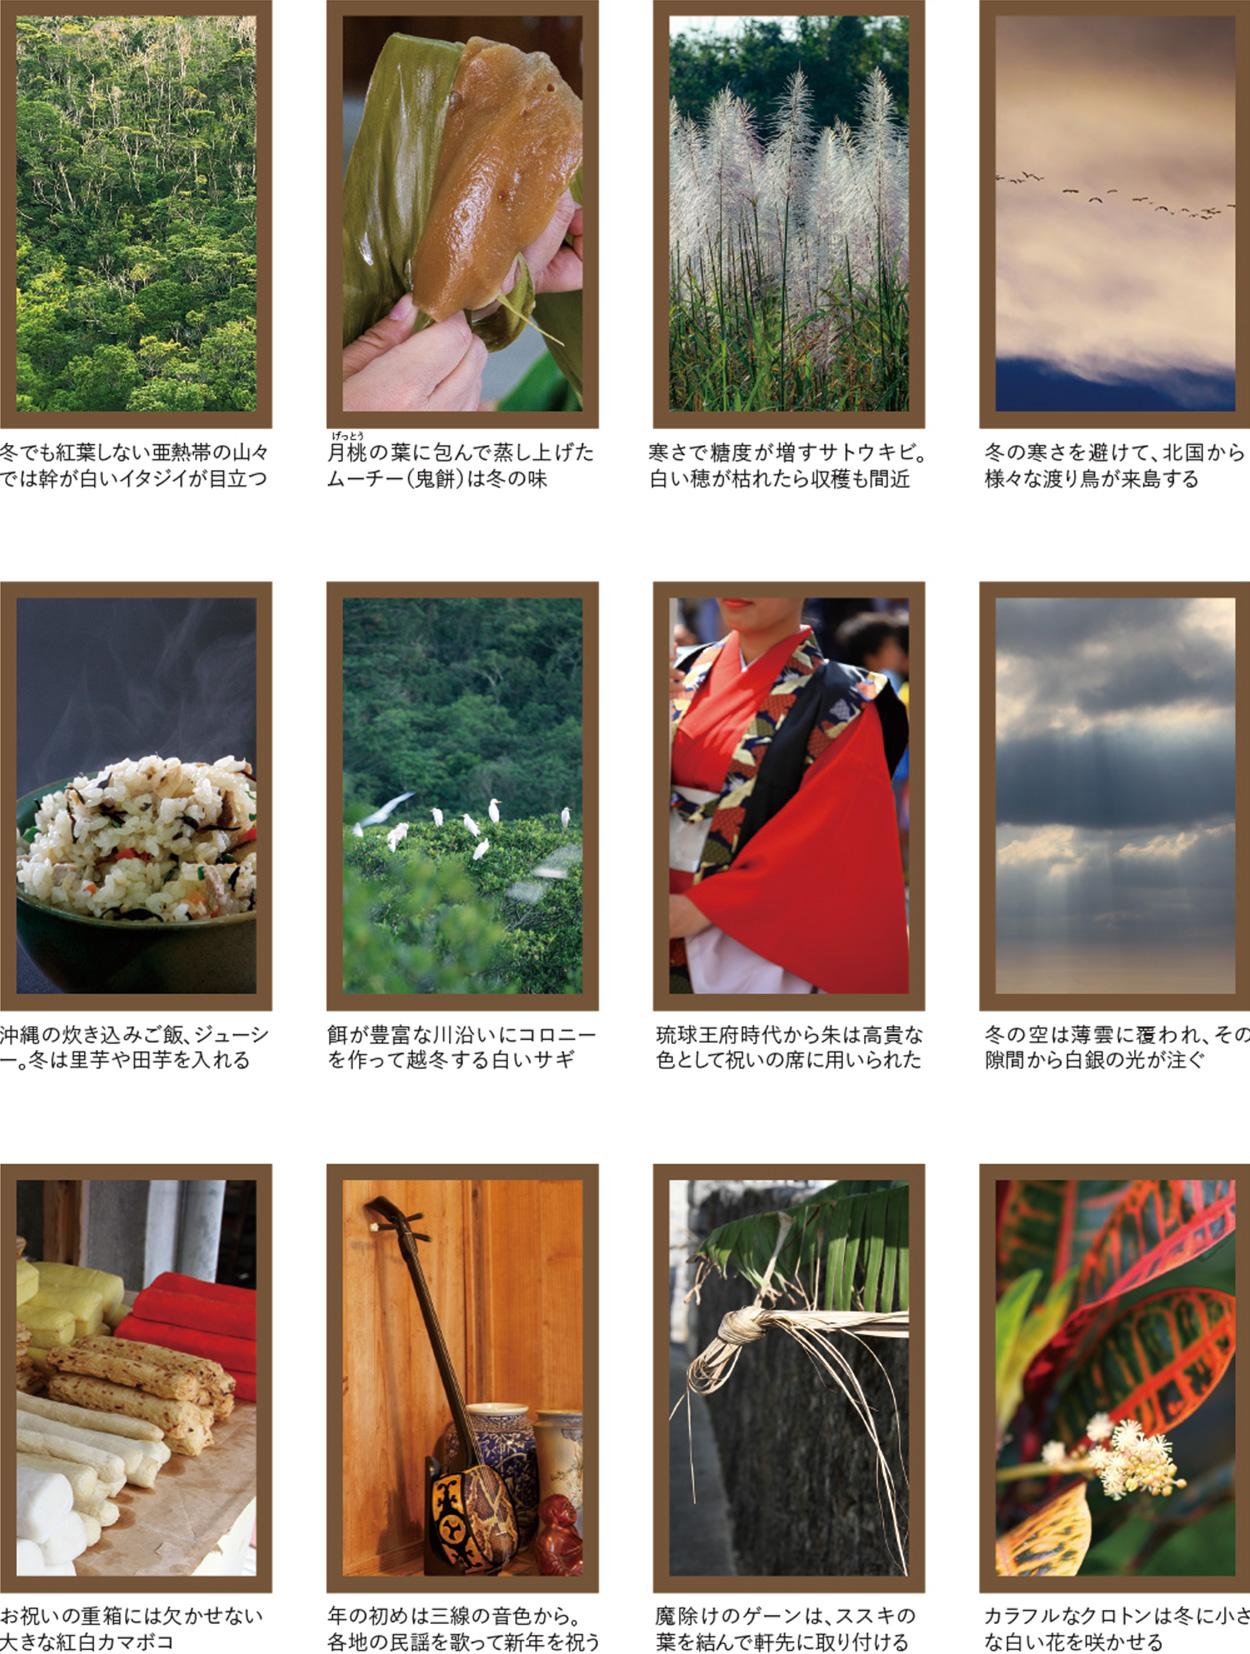 〜沖縄の四季彩美〜冬の色いろいろ